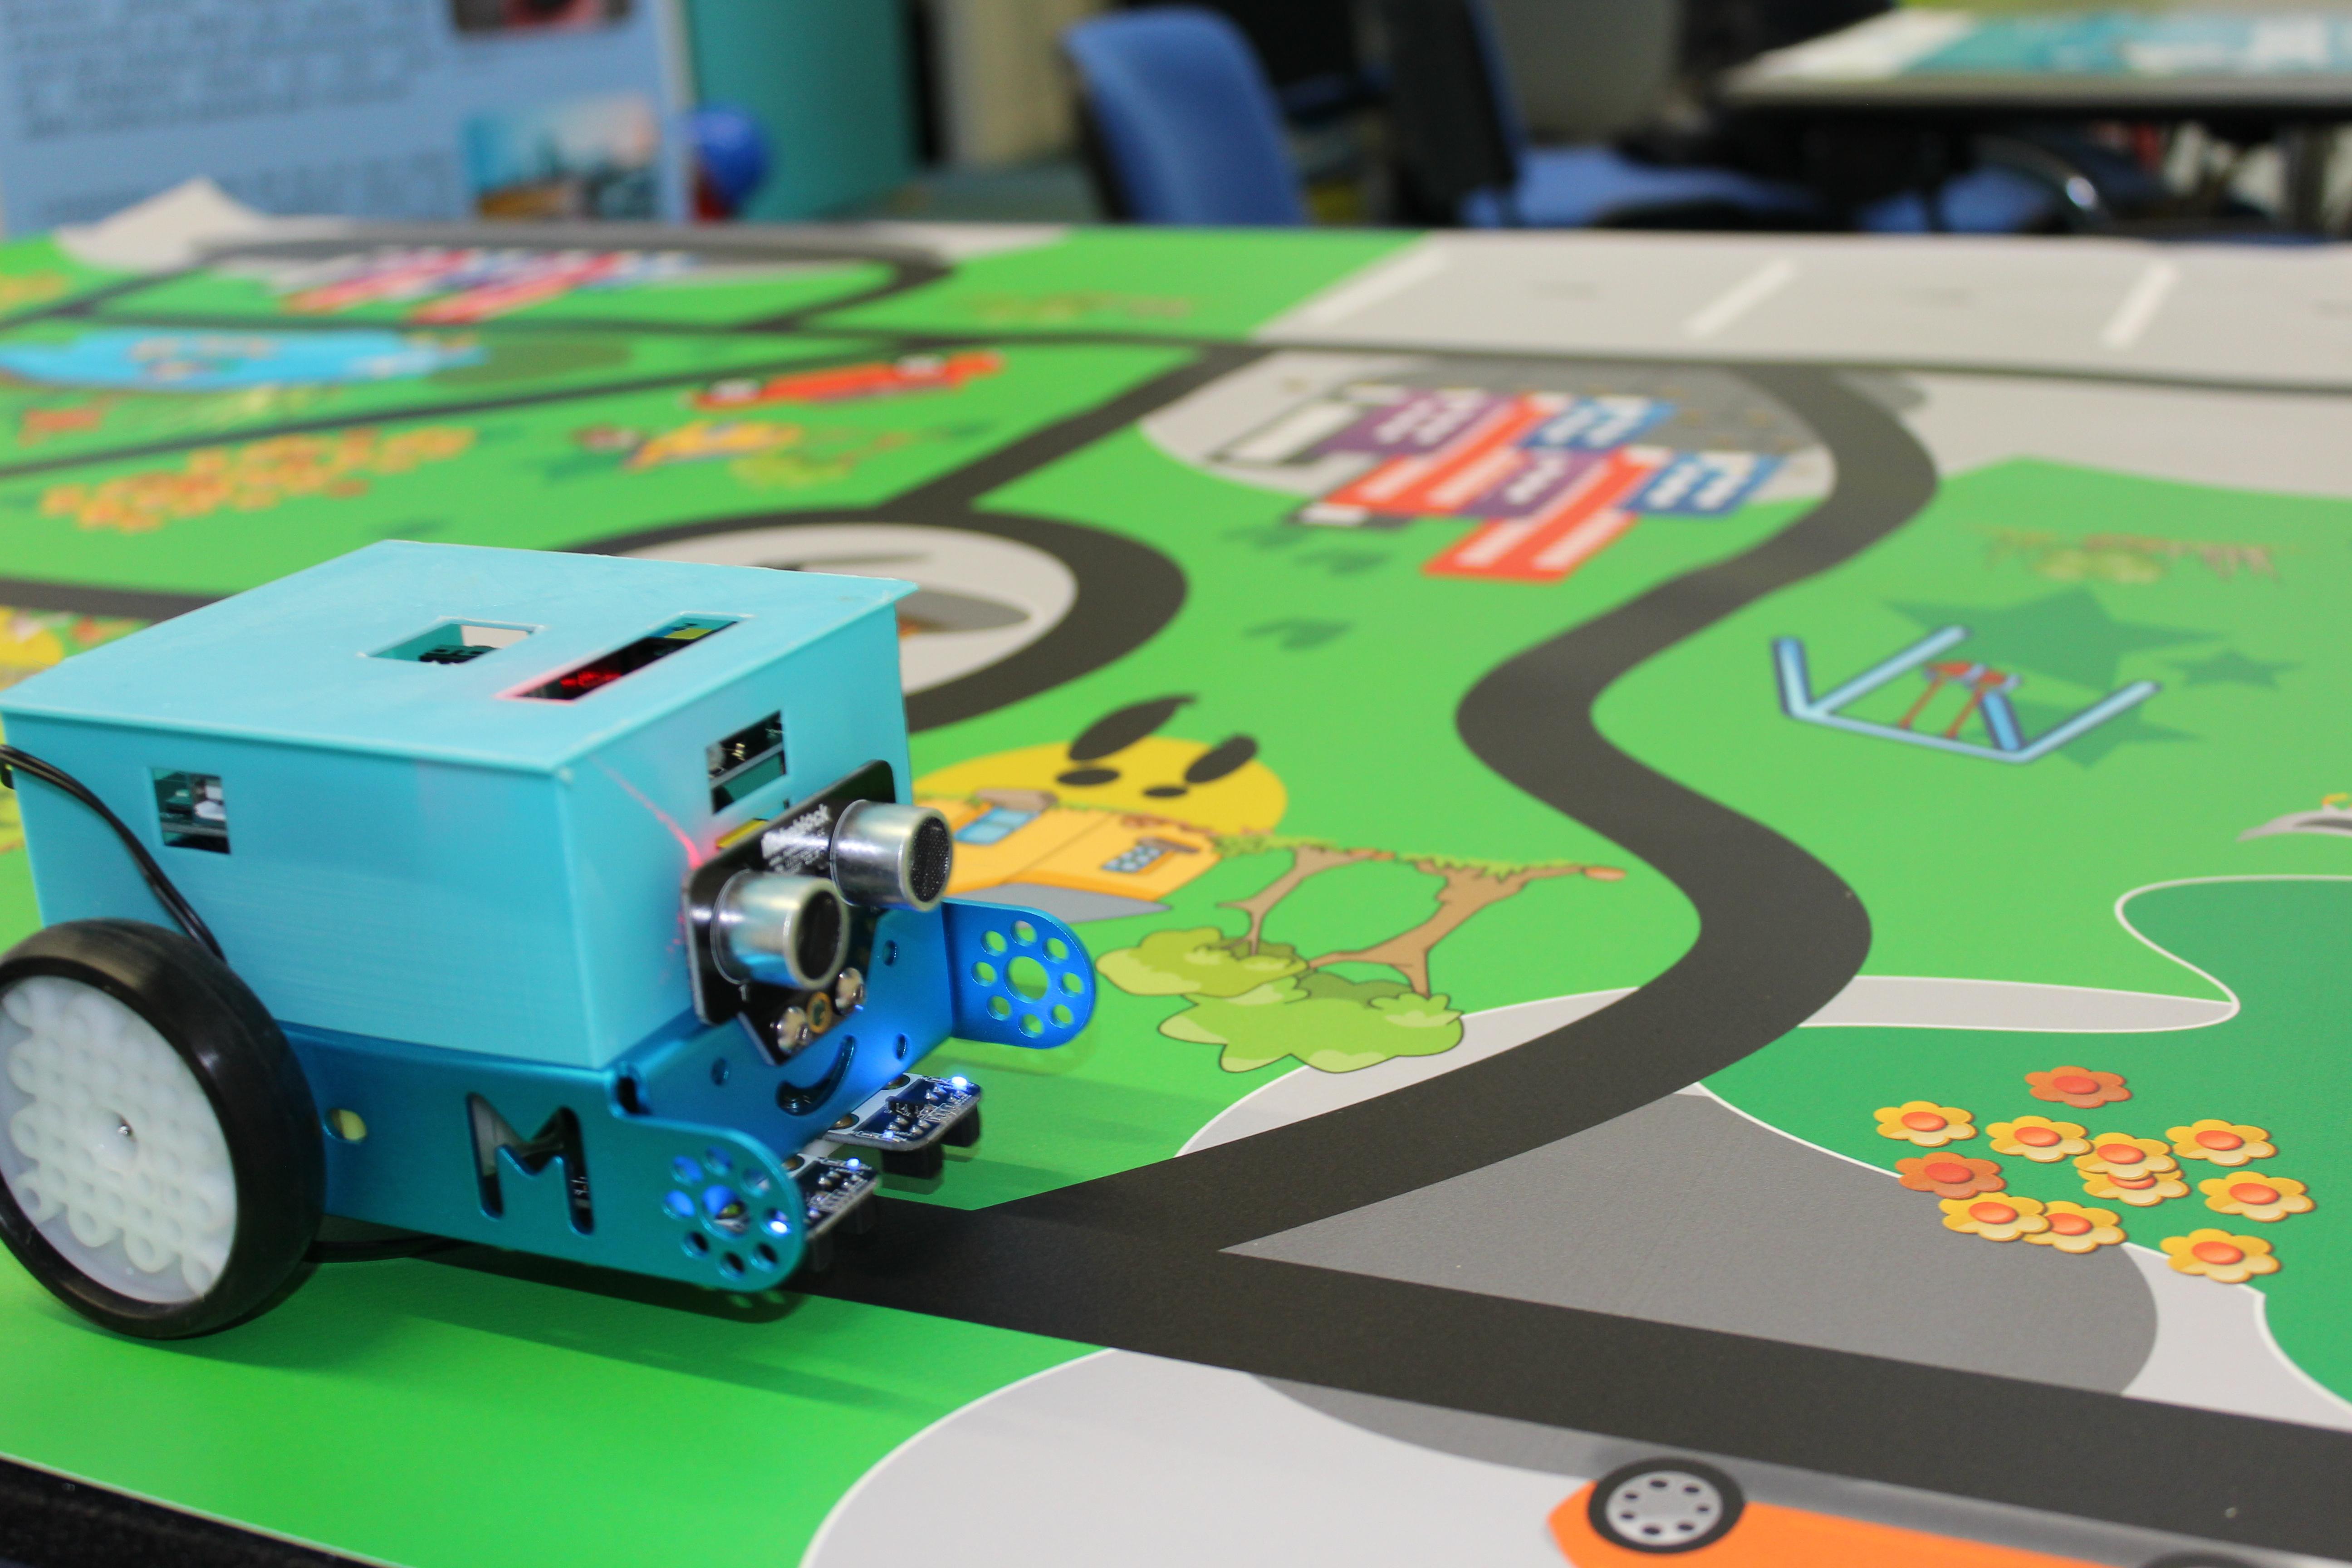 Exposition Réseaupolis Robot autonome